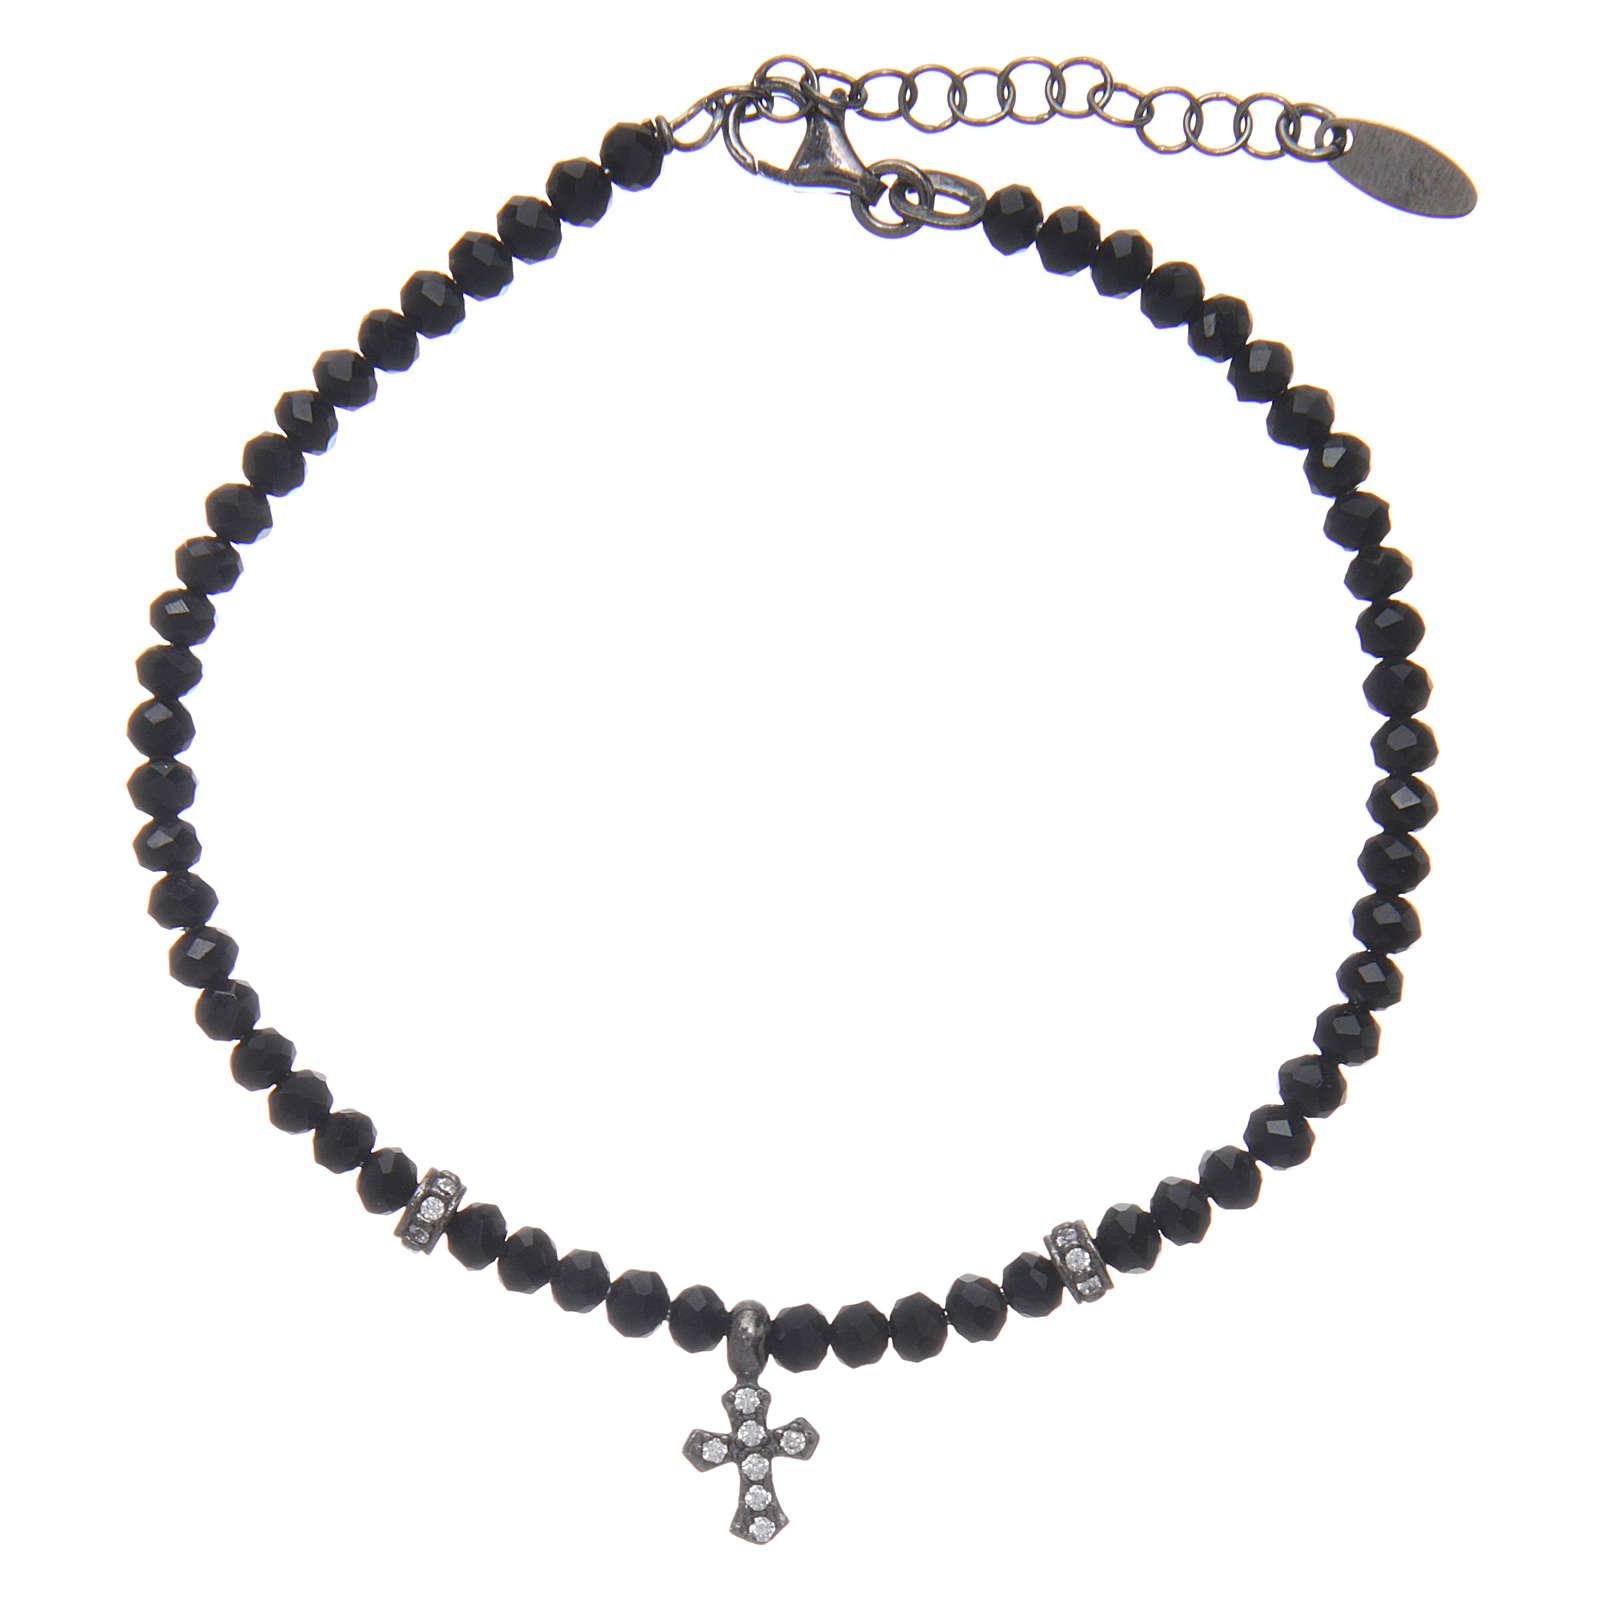 Bracciale Arg 925 AMEN cristalli neri croce rodiata zirconata 4